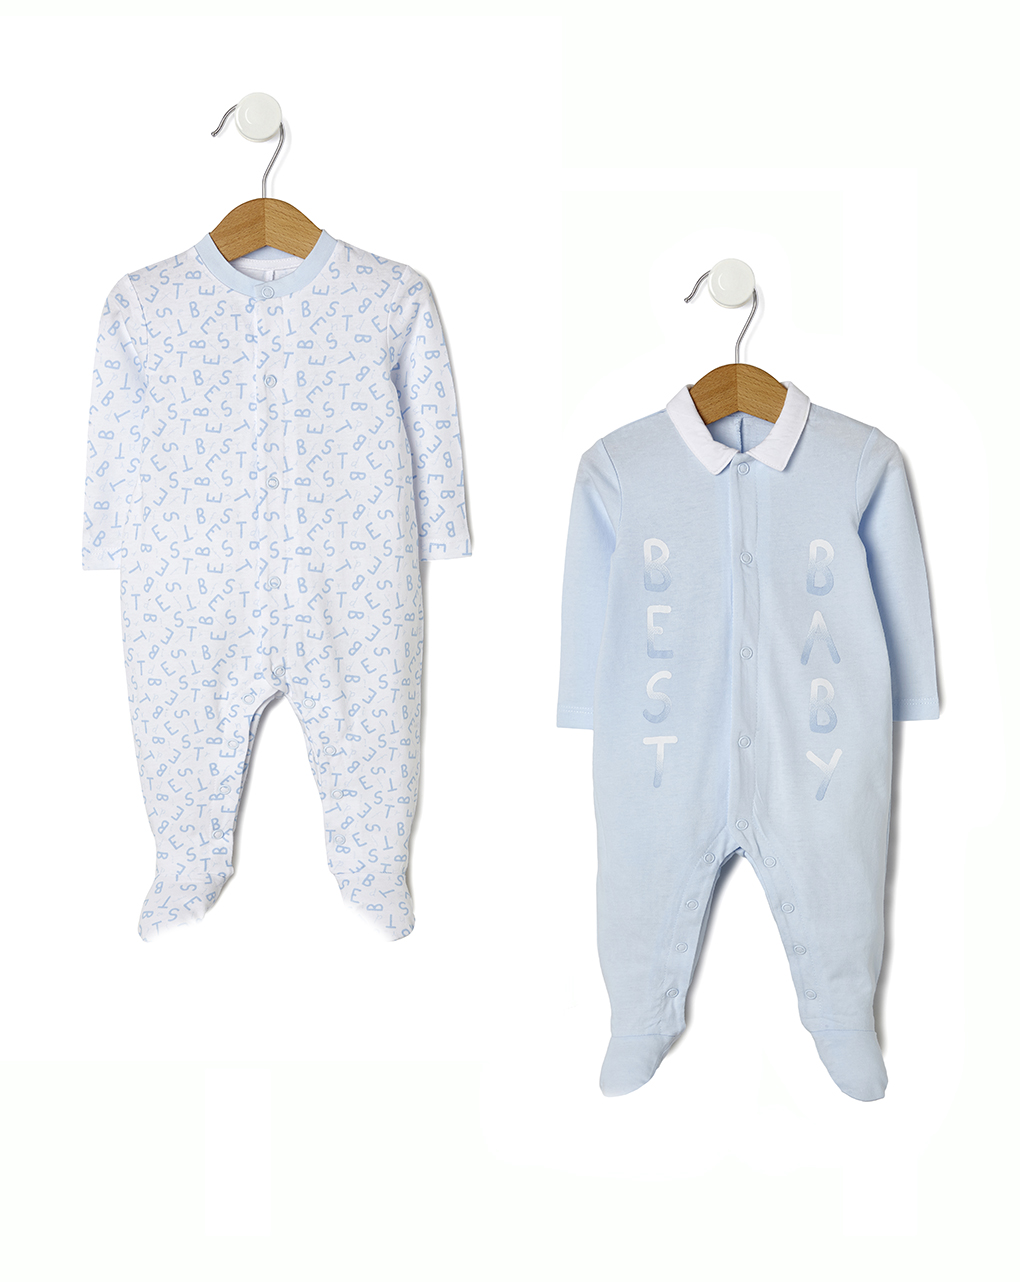 Pack 2 tutine azzurre e bianche con scritte - Prénatal